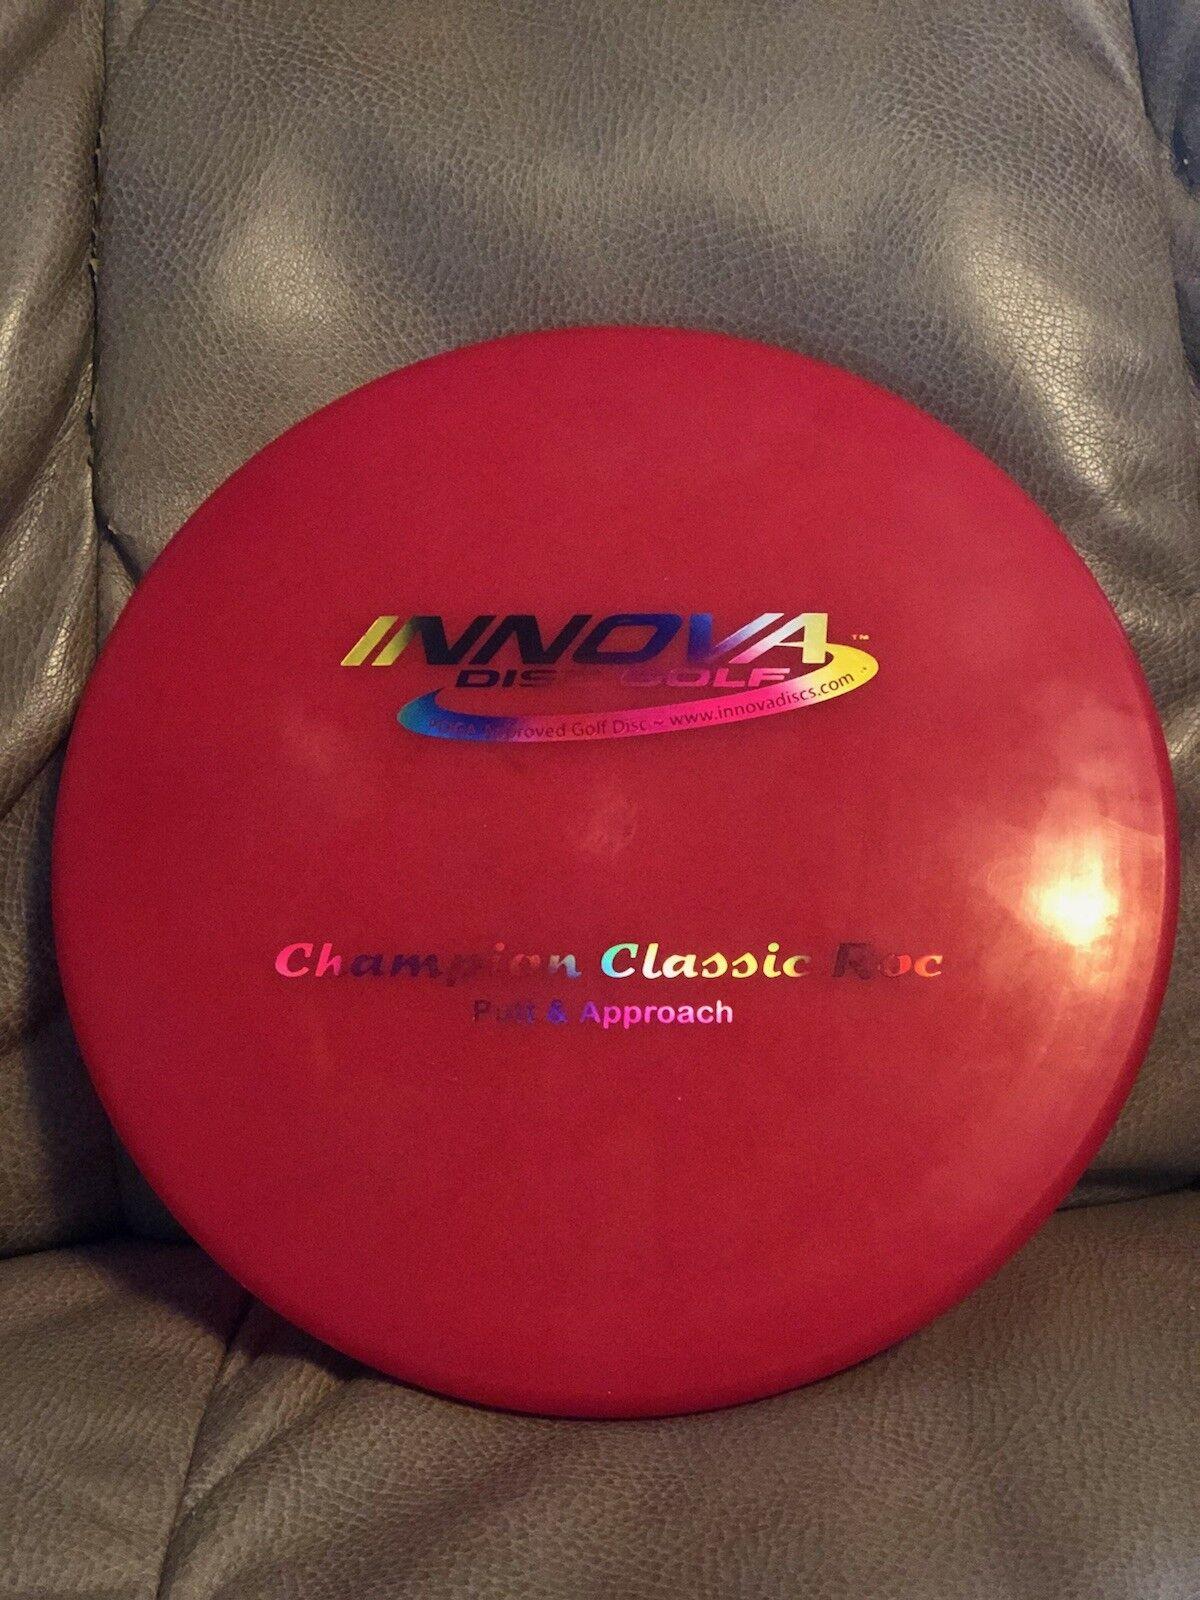 Raro Innova Ontario campeón Clásico Roc 167g con Jellybean sello 9.5 10